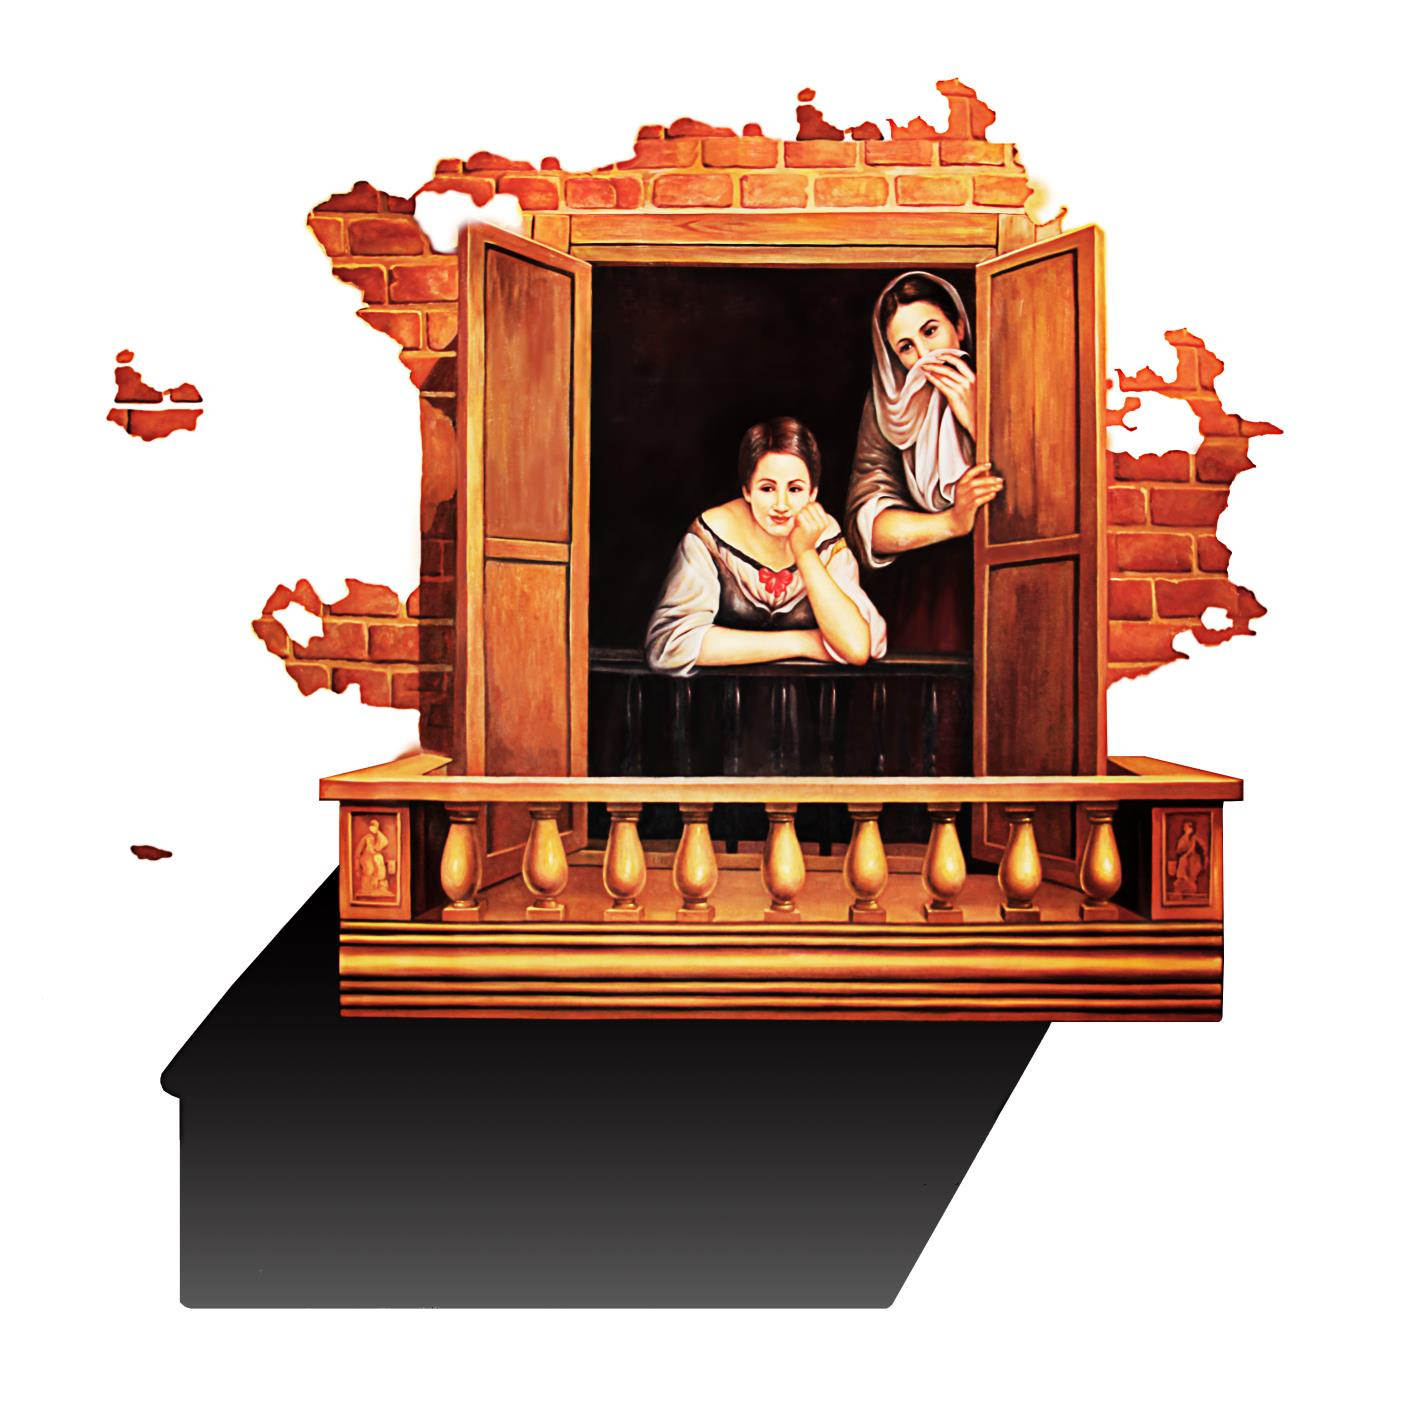 室外墙体手绘,找户外墙壁手绘设计就找沅荣文化_效率高